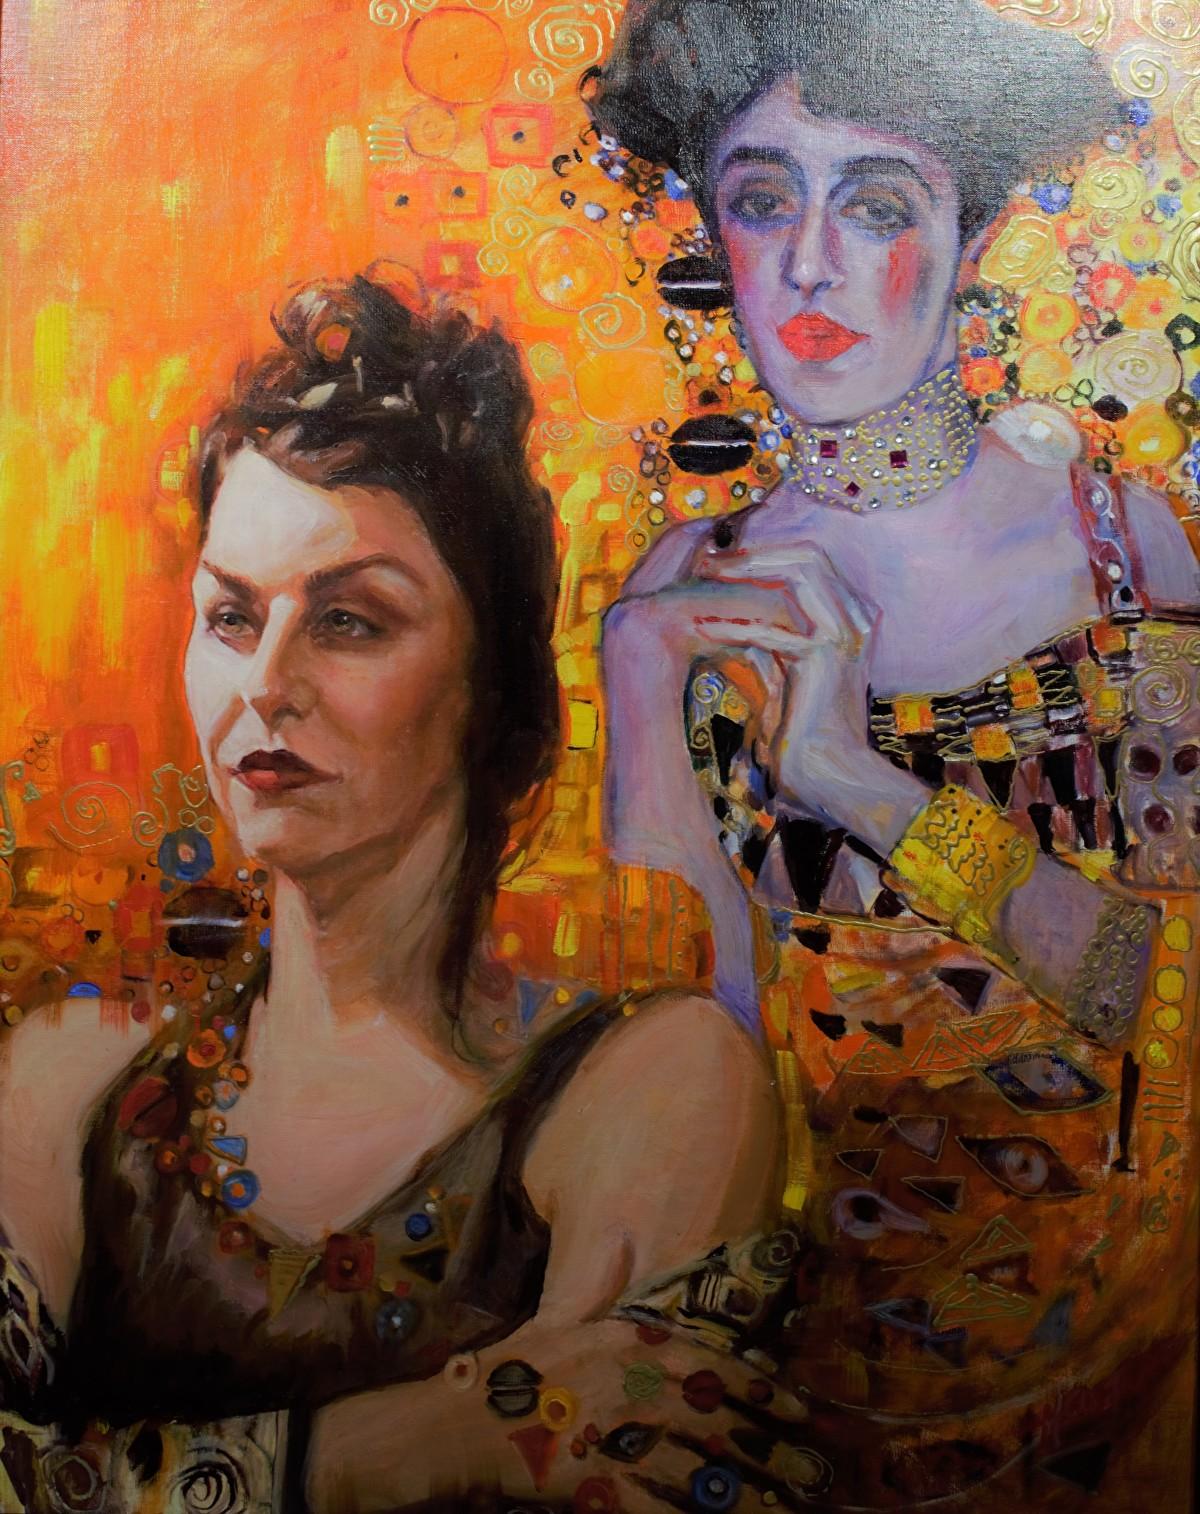 Channeling Klimt